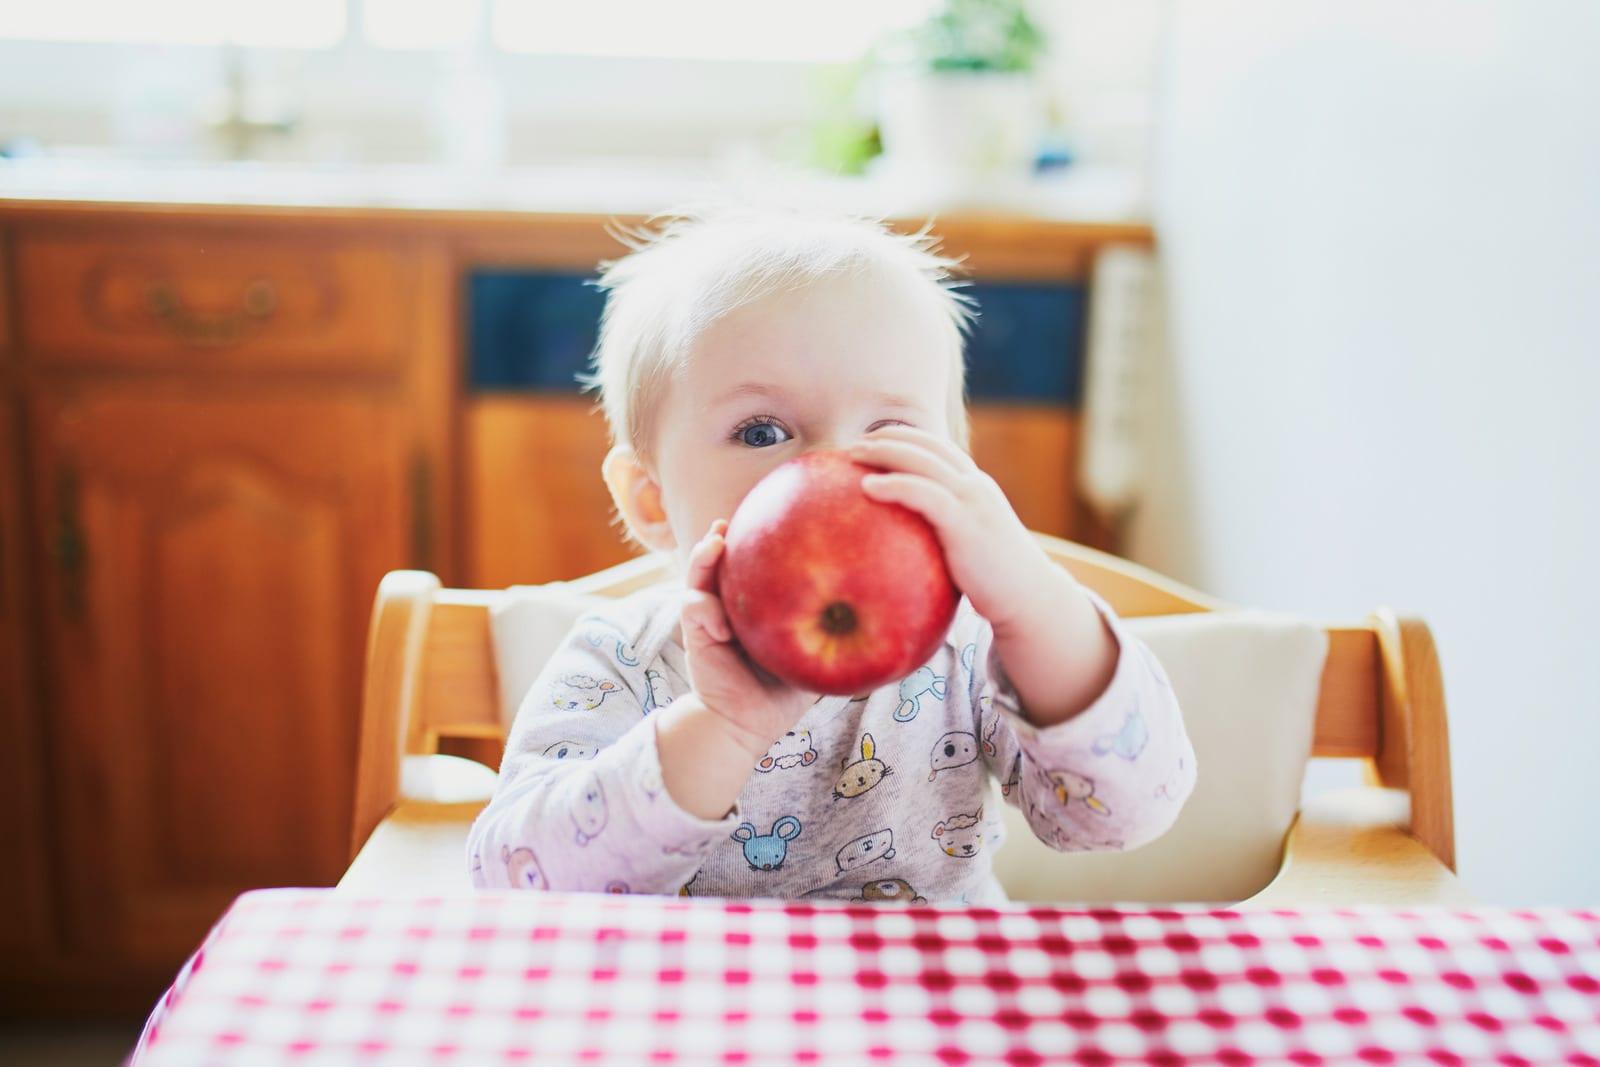 Alimentação de um bebé de 7 meses